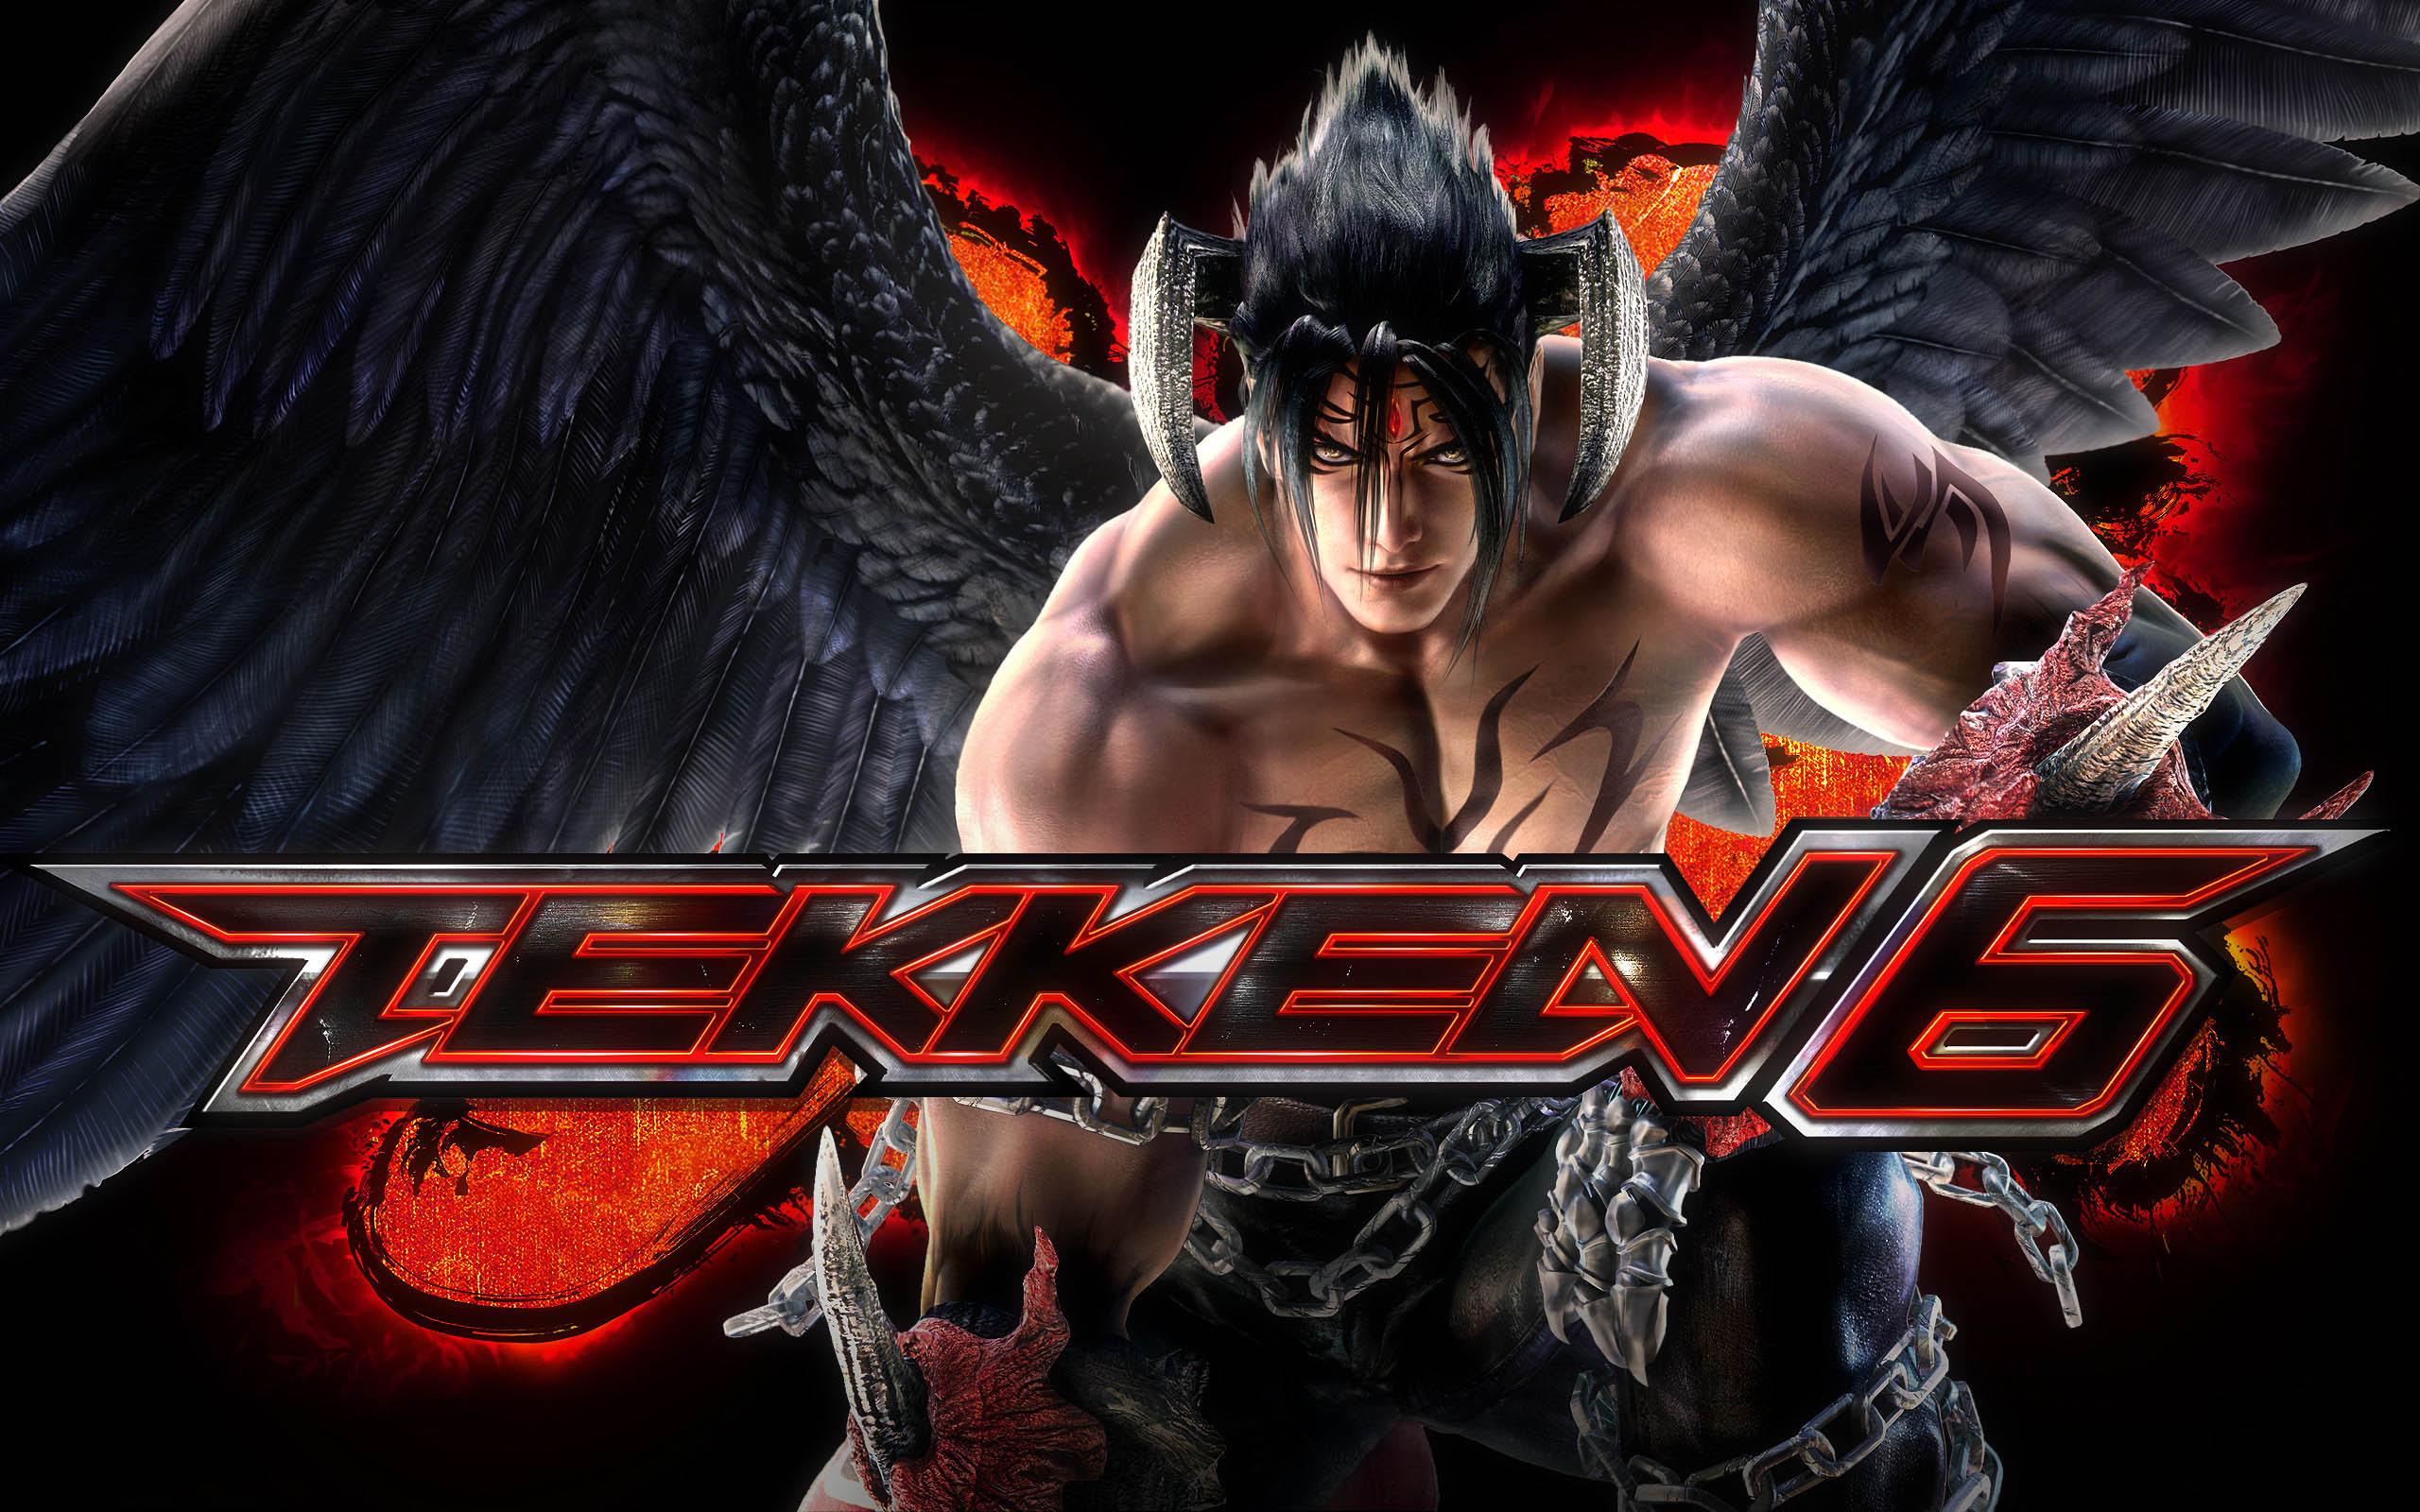 Download Game Tekken 6 + Emulator For PC Full Version